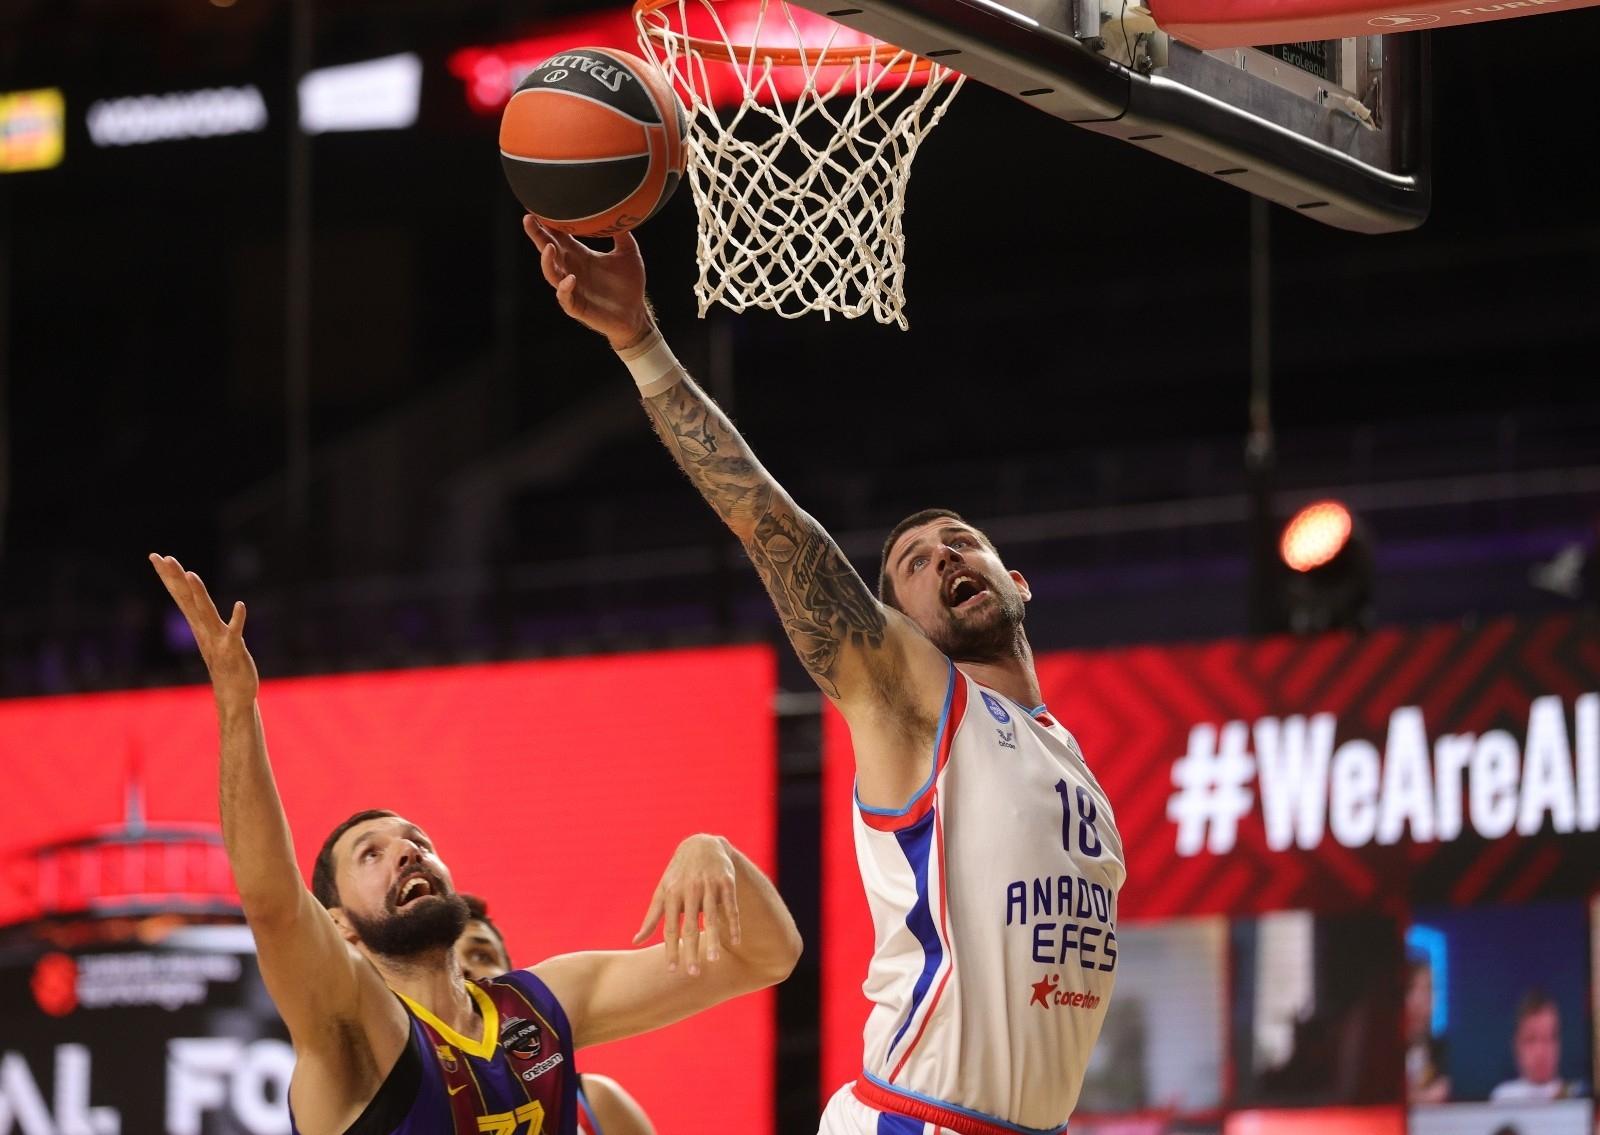 2021/05/basketbolda-avrupanin-en-buyugu-anadolu-efes-20210530AW33-2.jpg